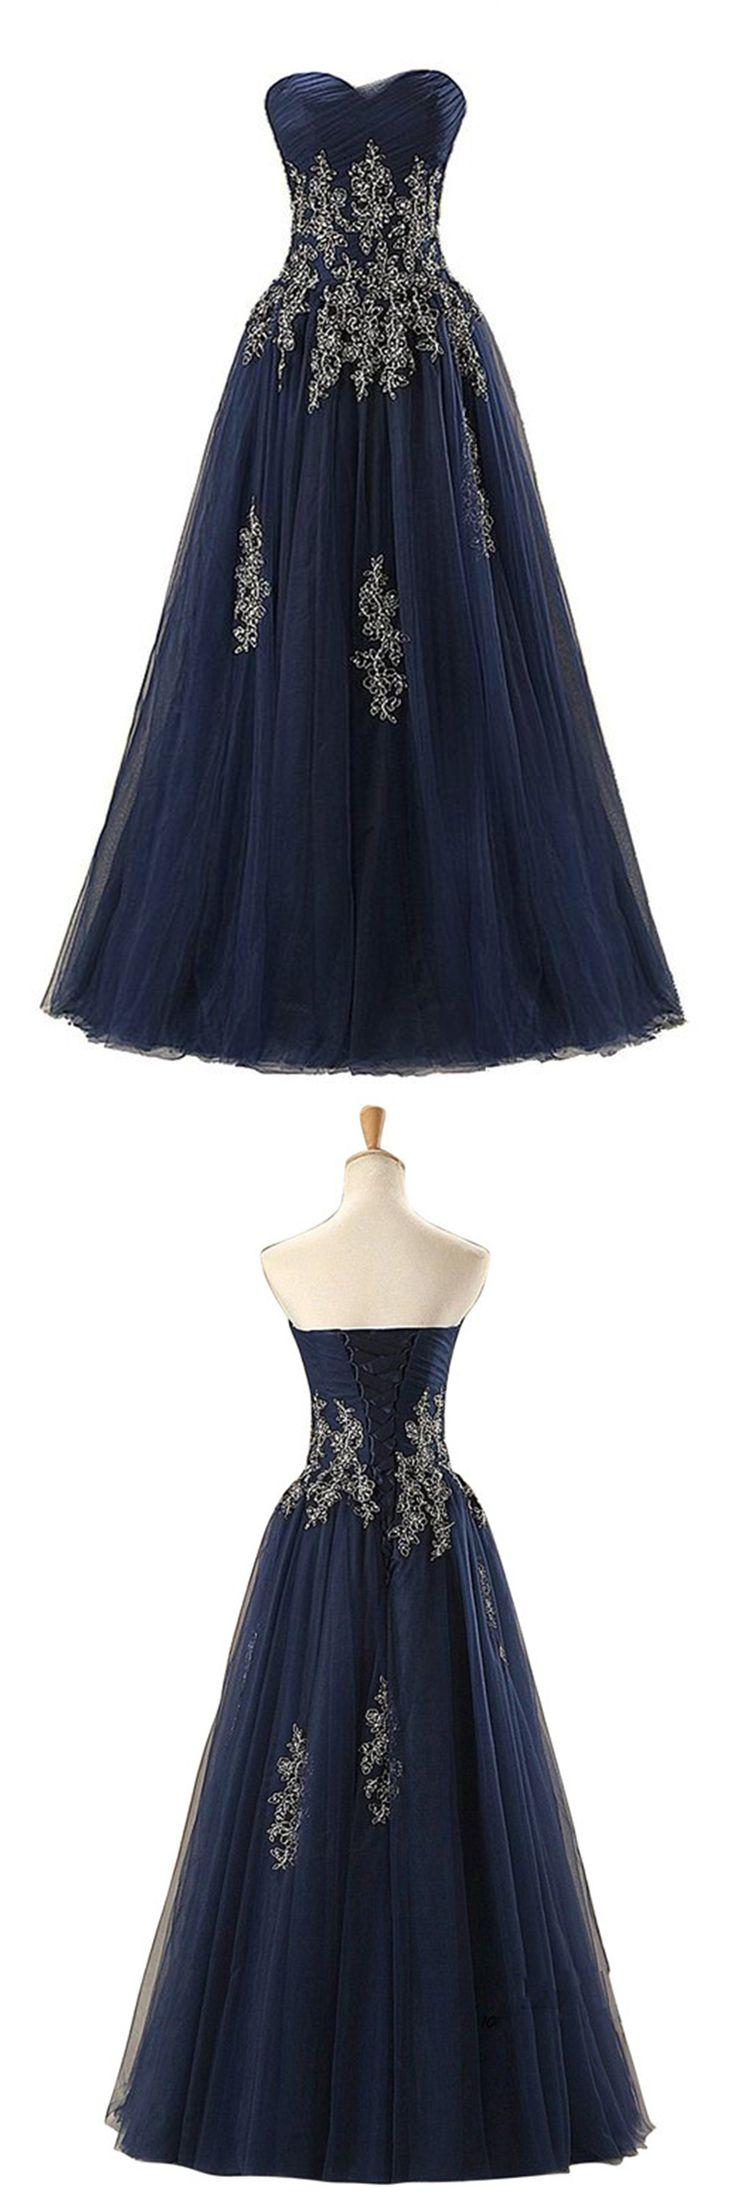 2791 best Dresses & Clothes images on Pinterest | Cute dresses ...